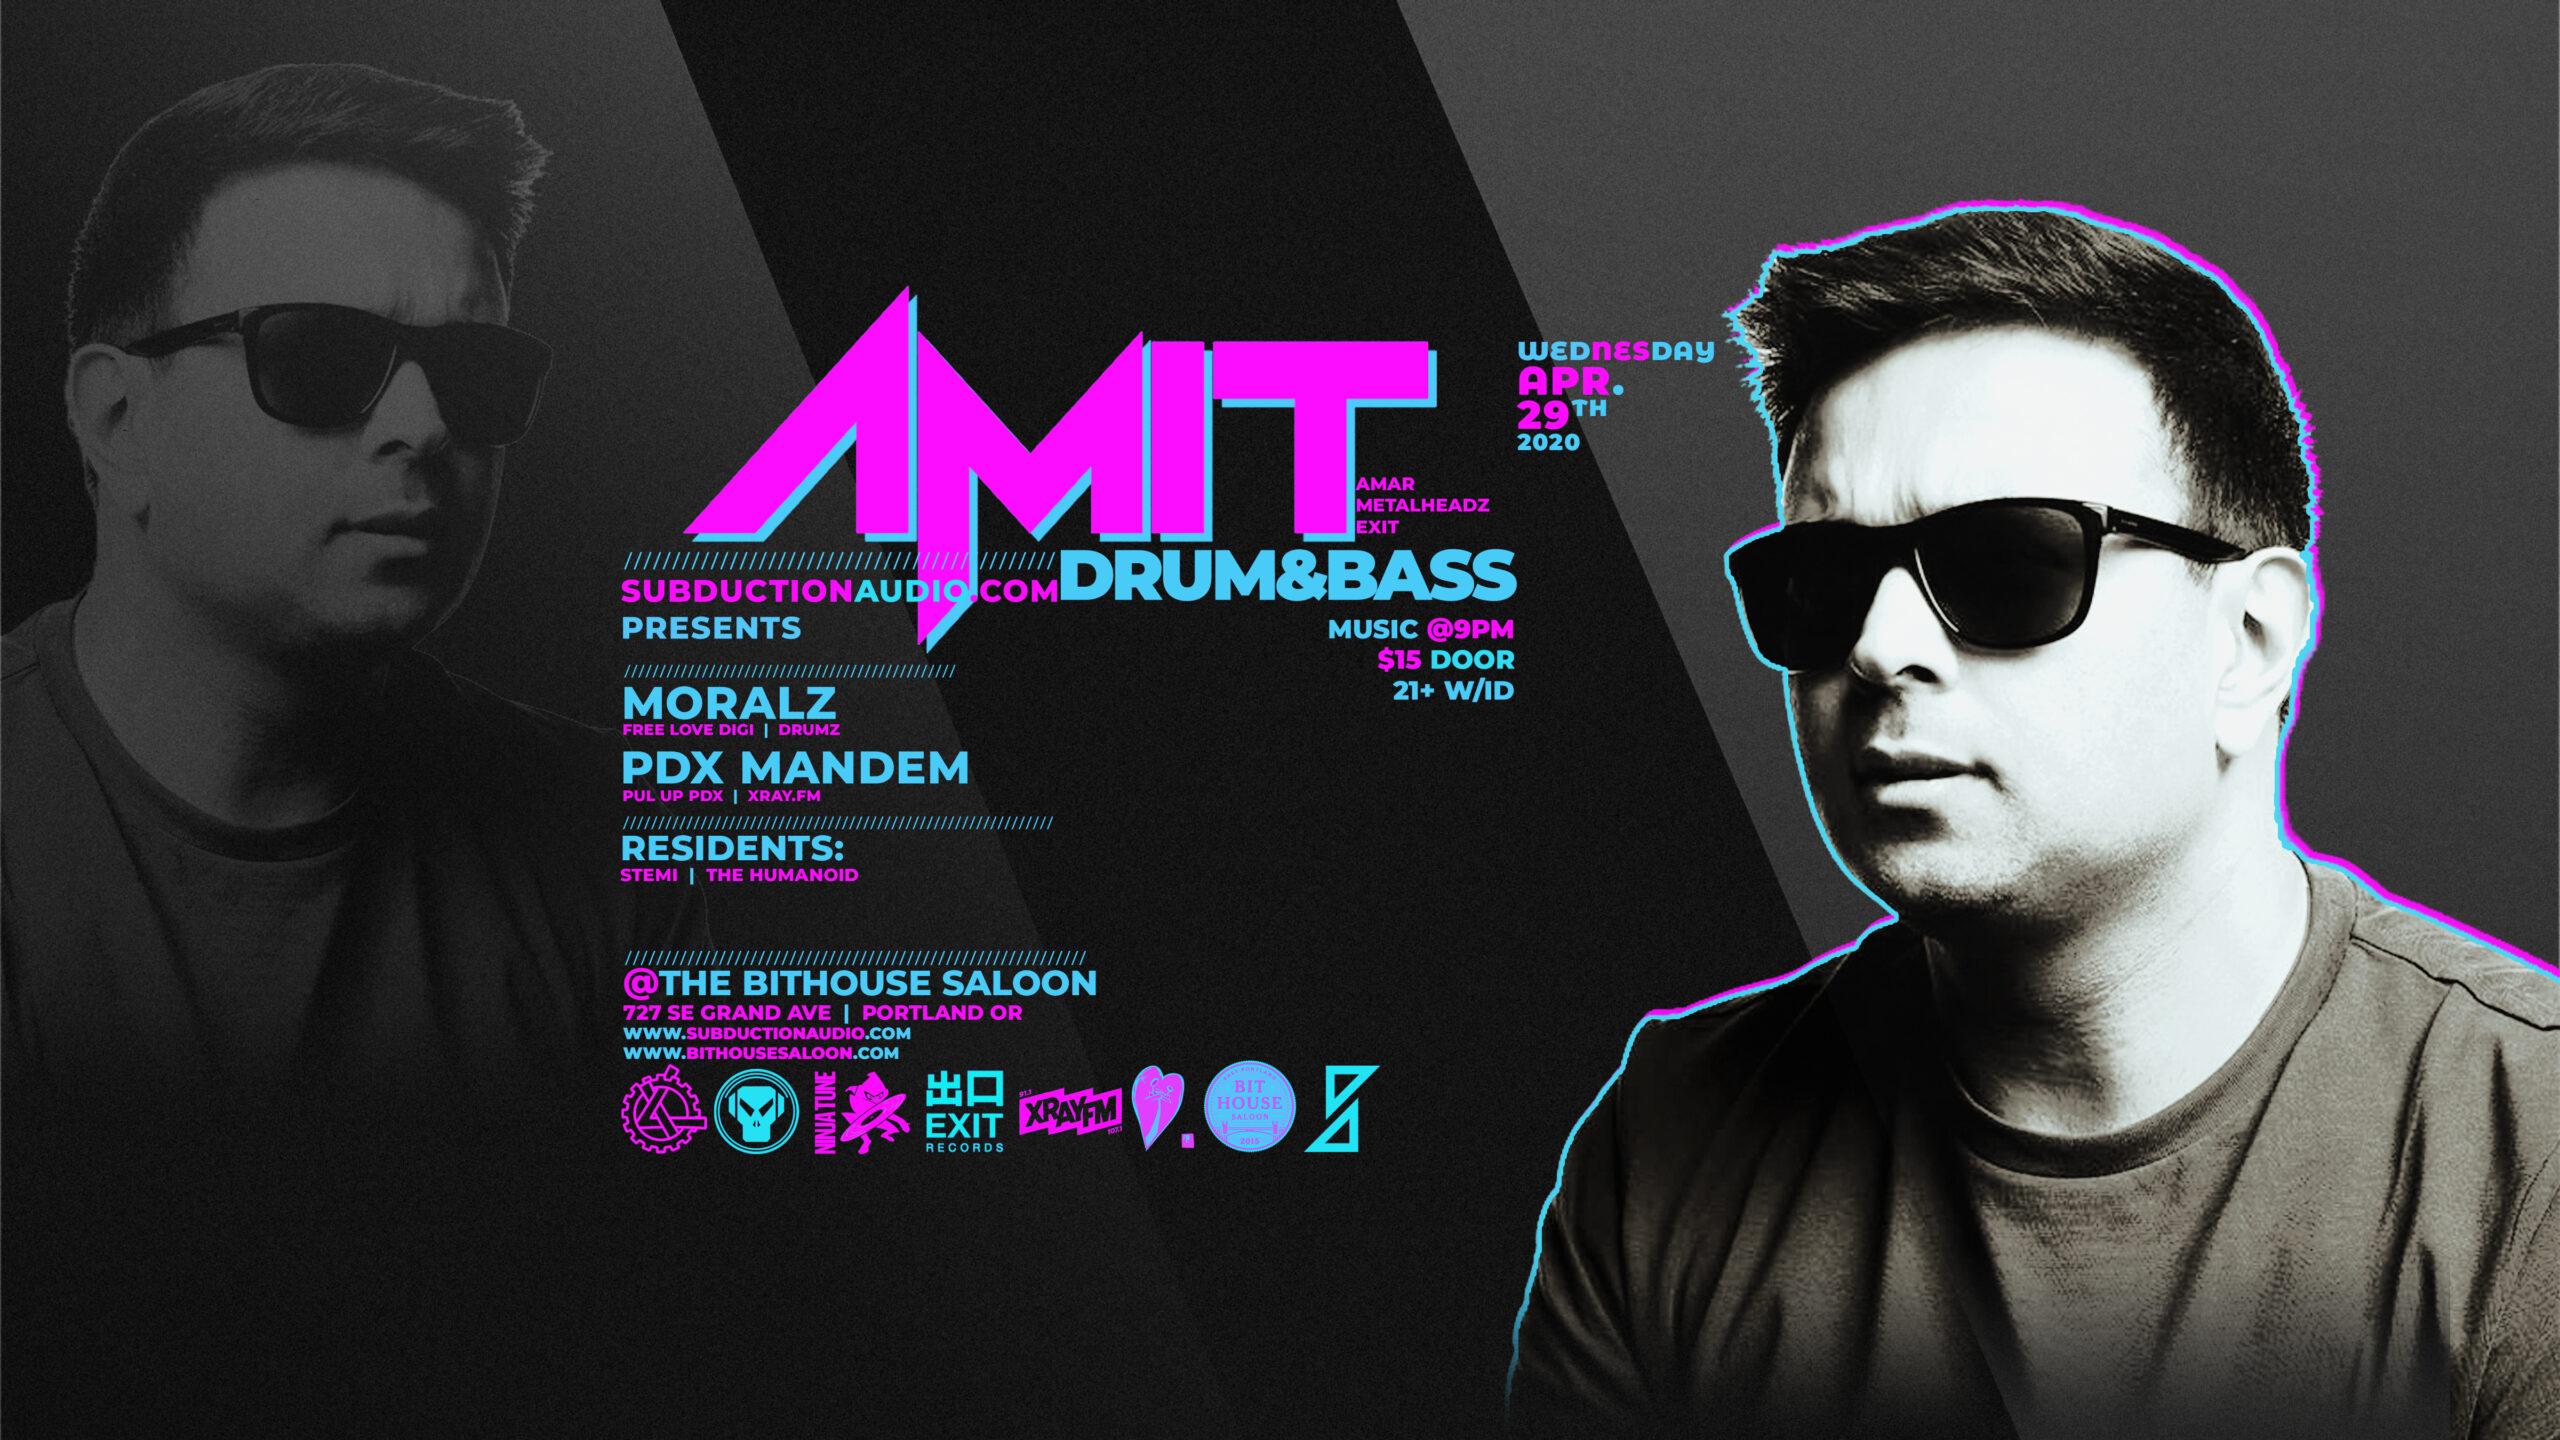 AMIT April 29th